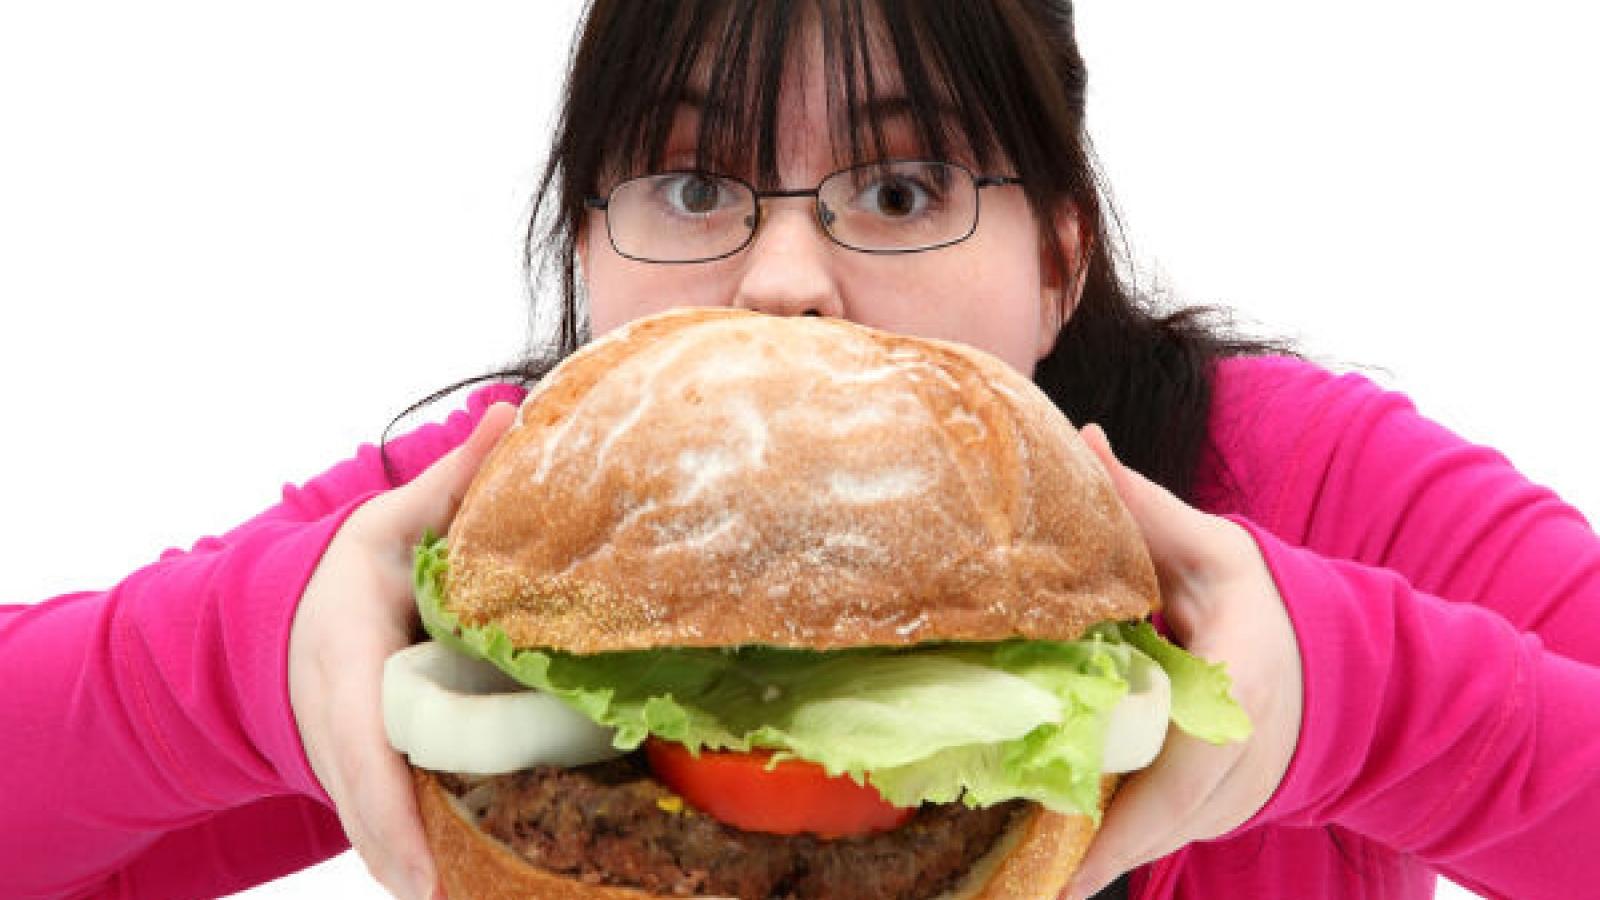 11 mẹo từ chuyên gia giúp bạn giảm tỉ lệ mỡ trong cơ thể nhanh chóng